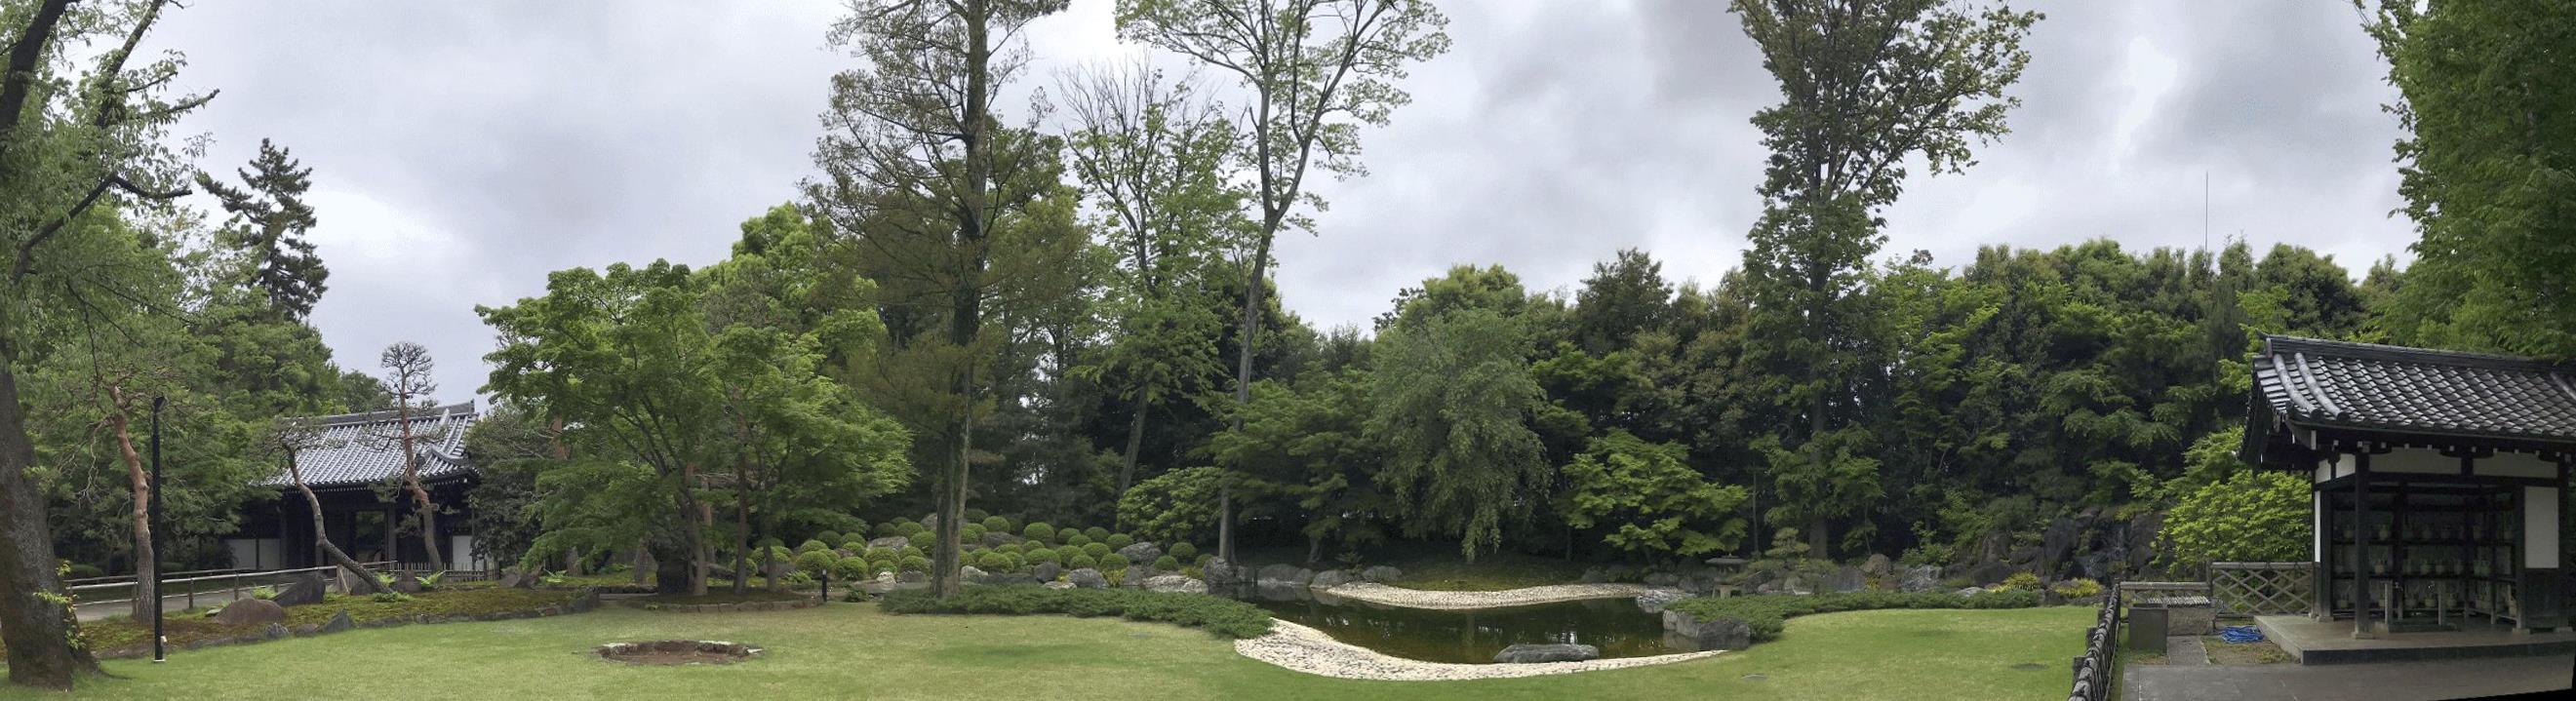 観泉寺庭園